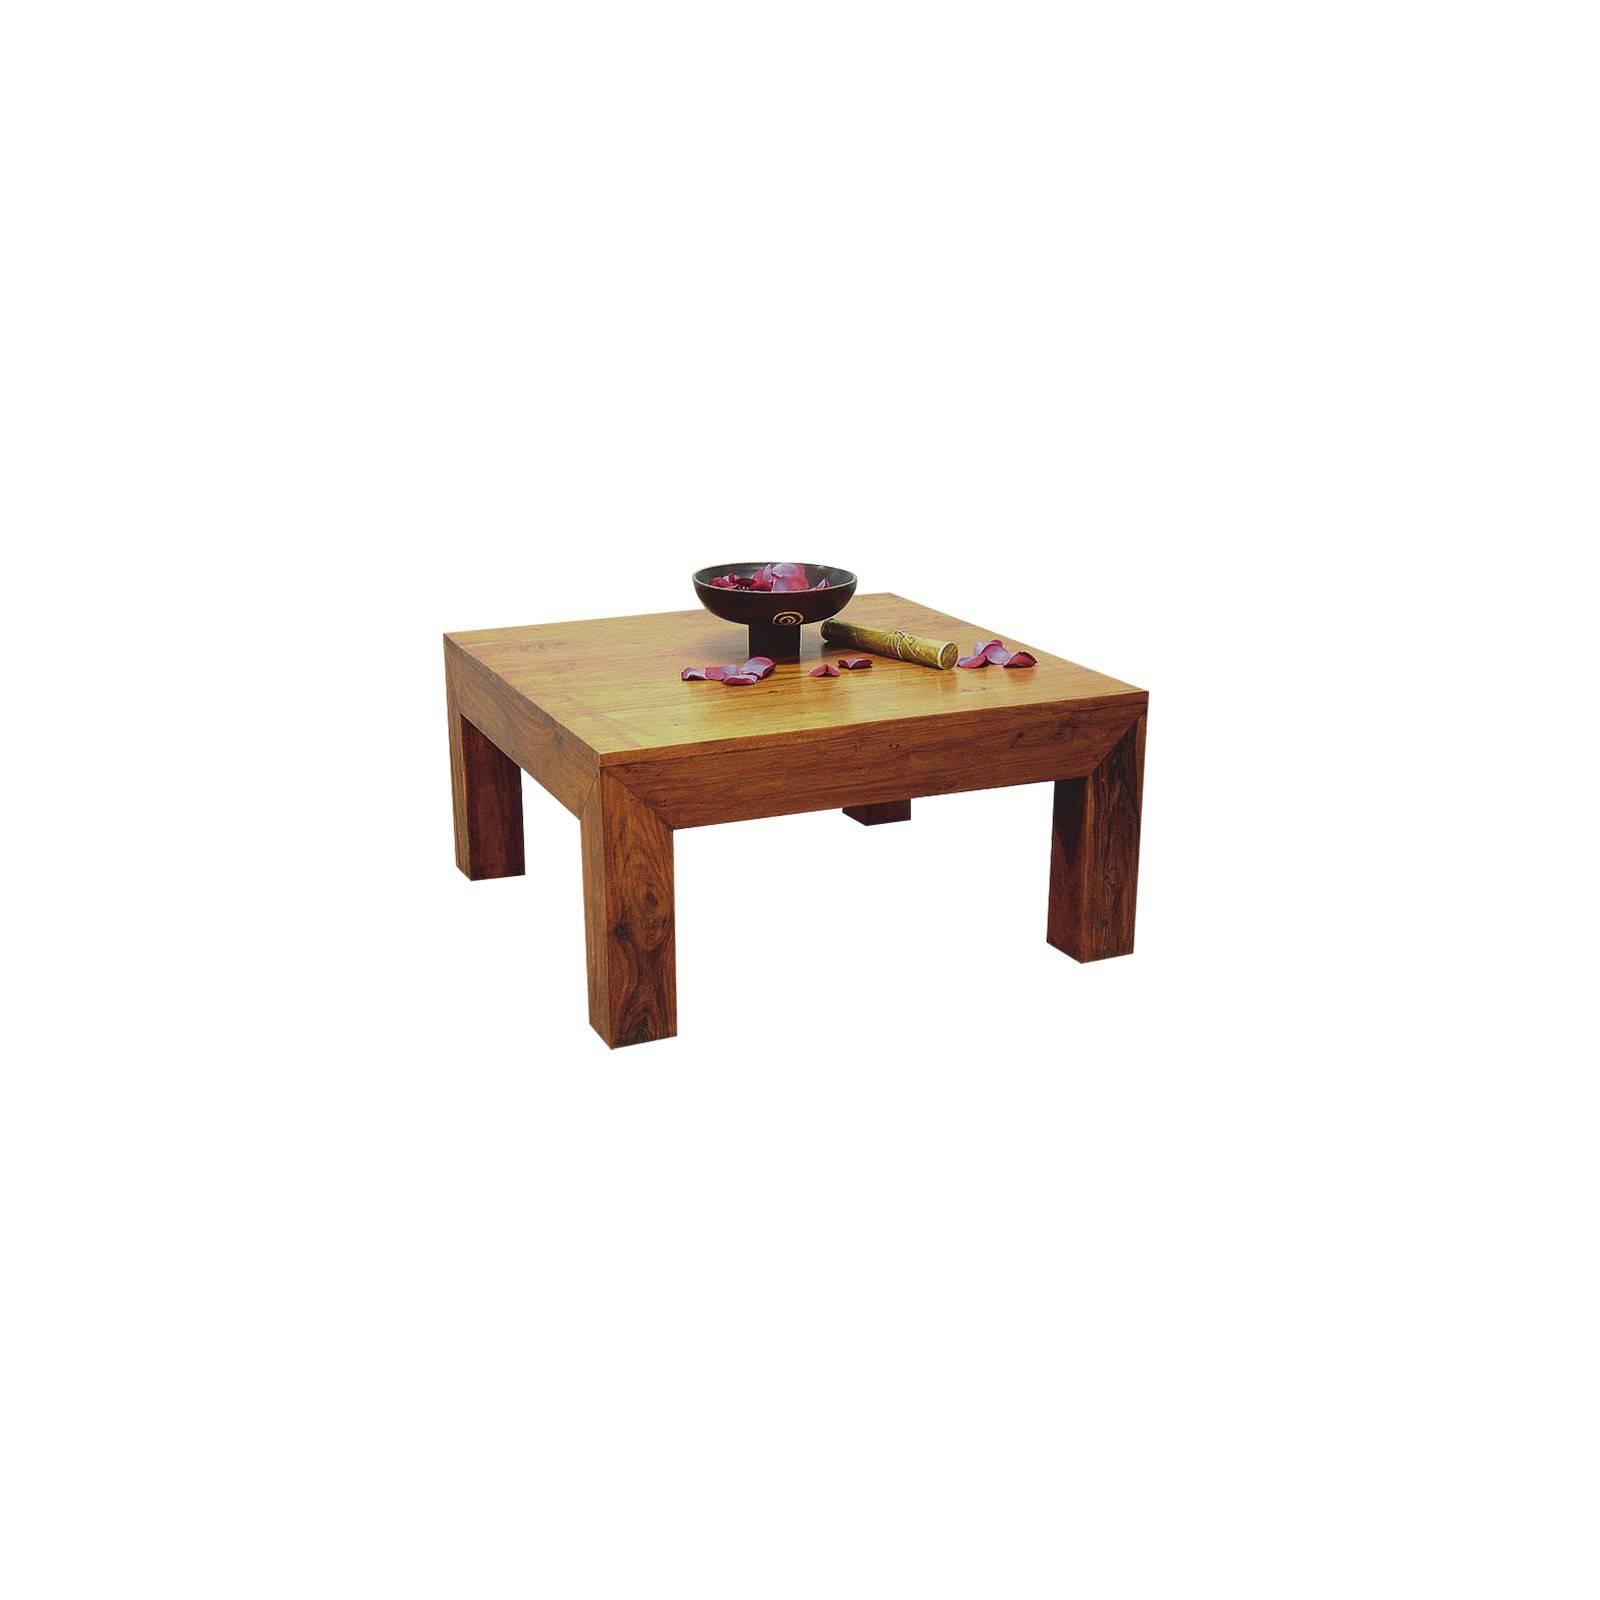 Table basse exotique Zen palissandre